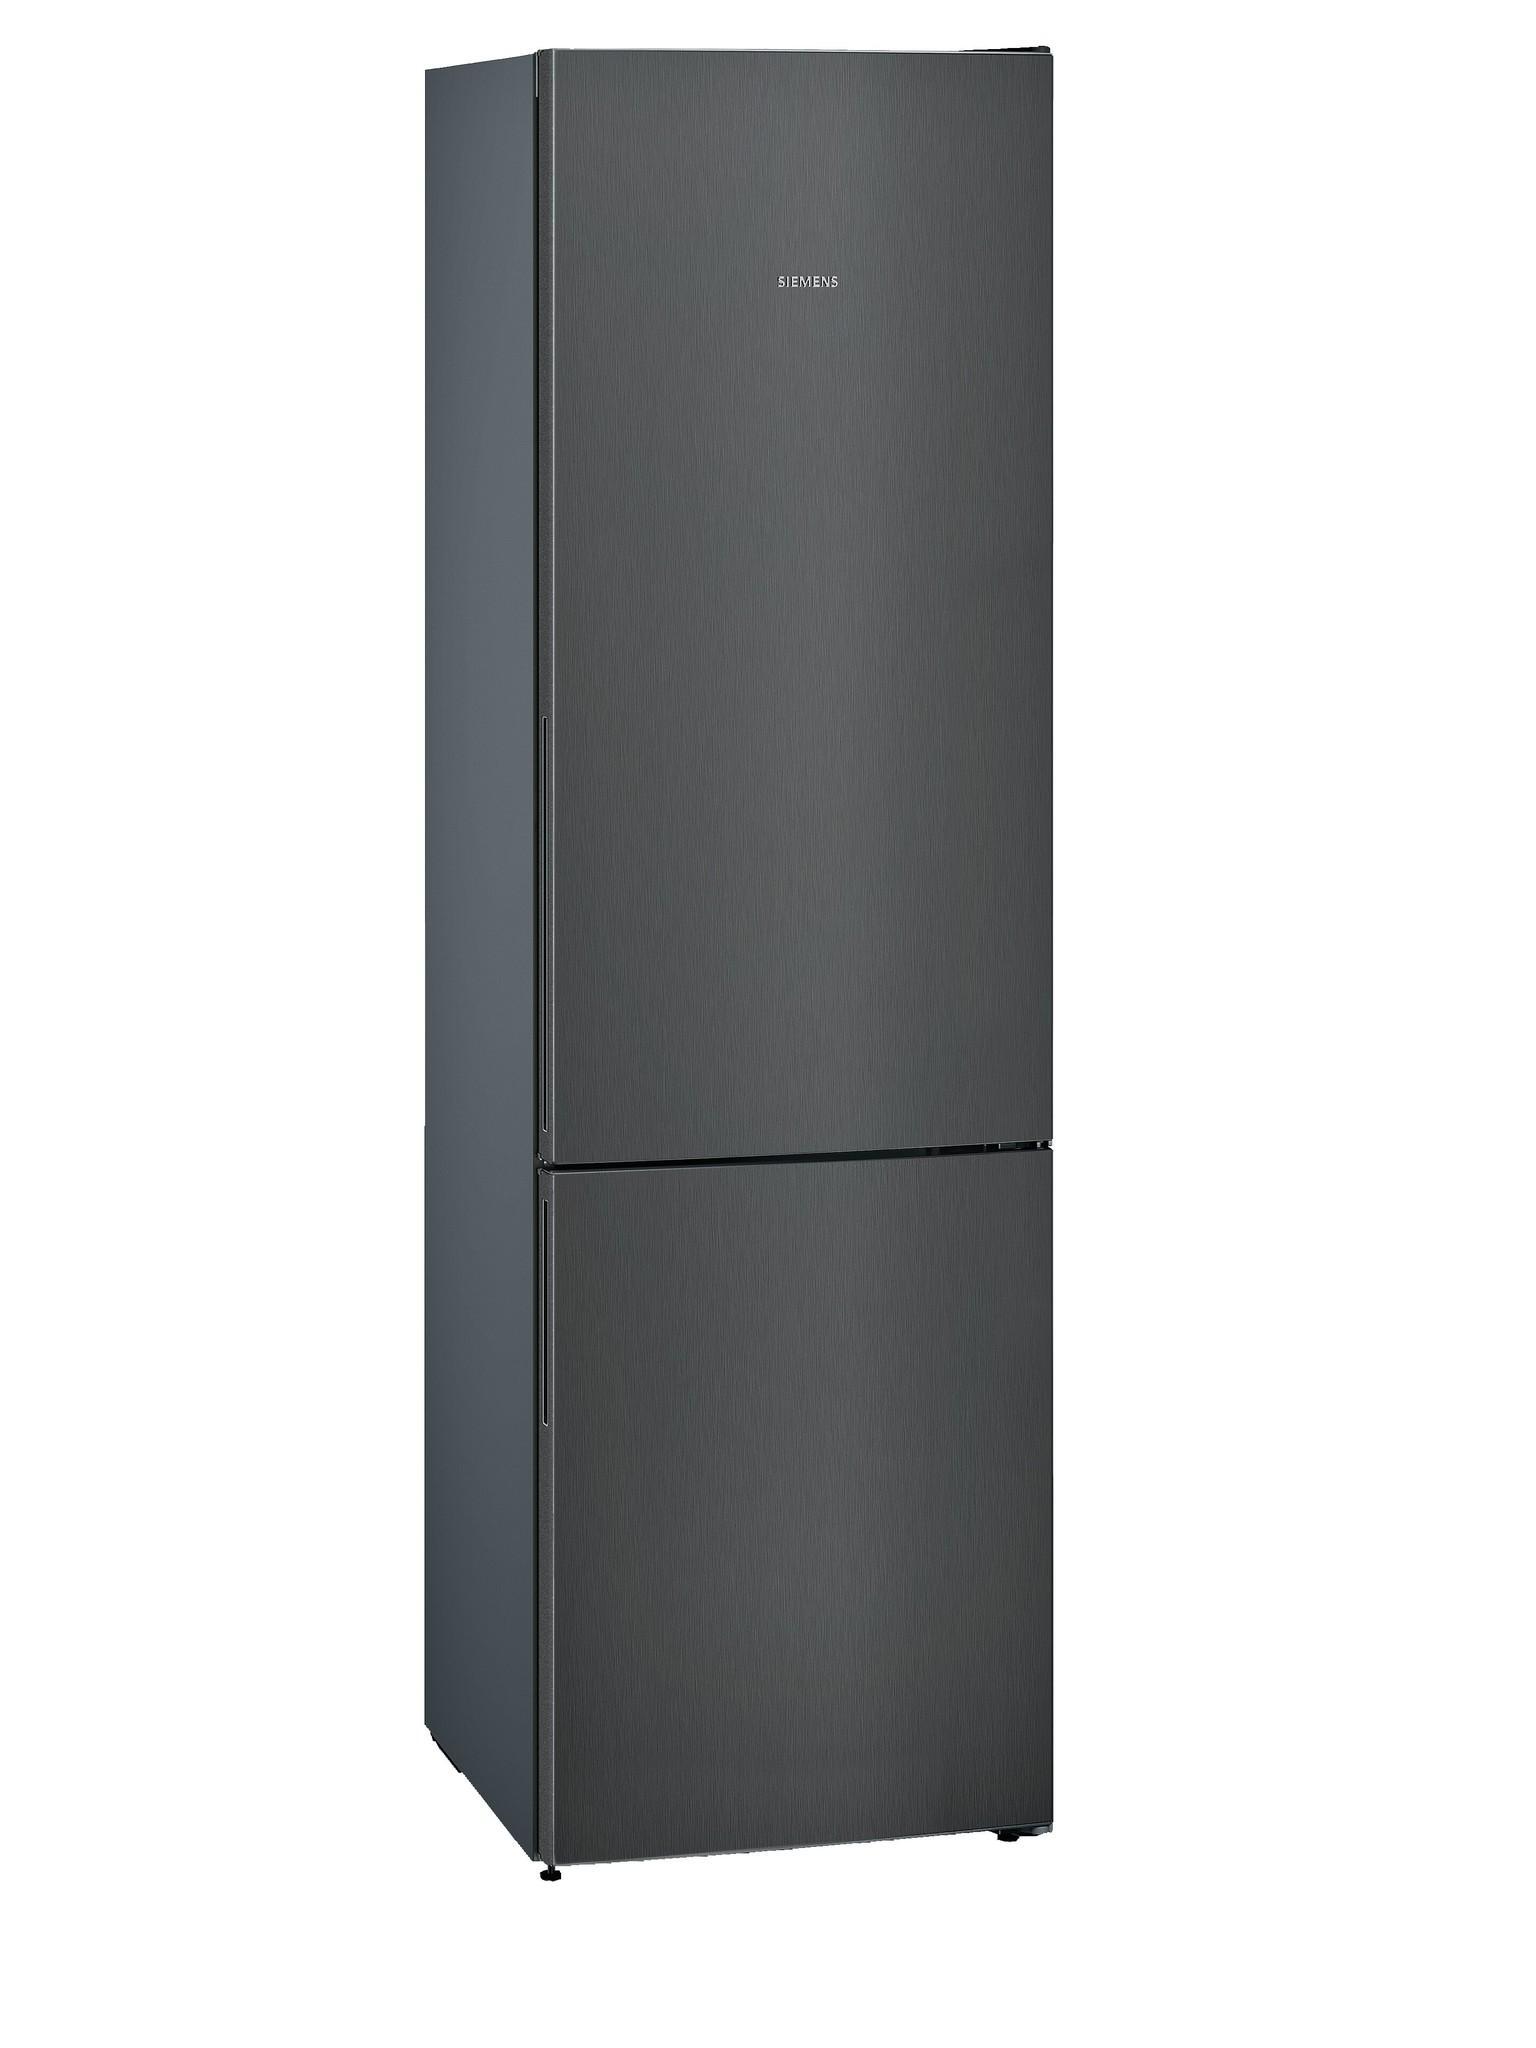 Siemens KG39E8XBA Vrijstaande koel-vriescombinatie